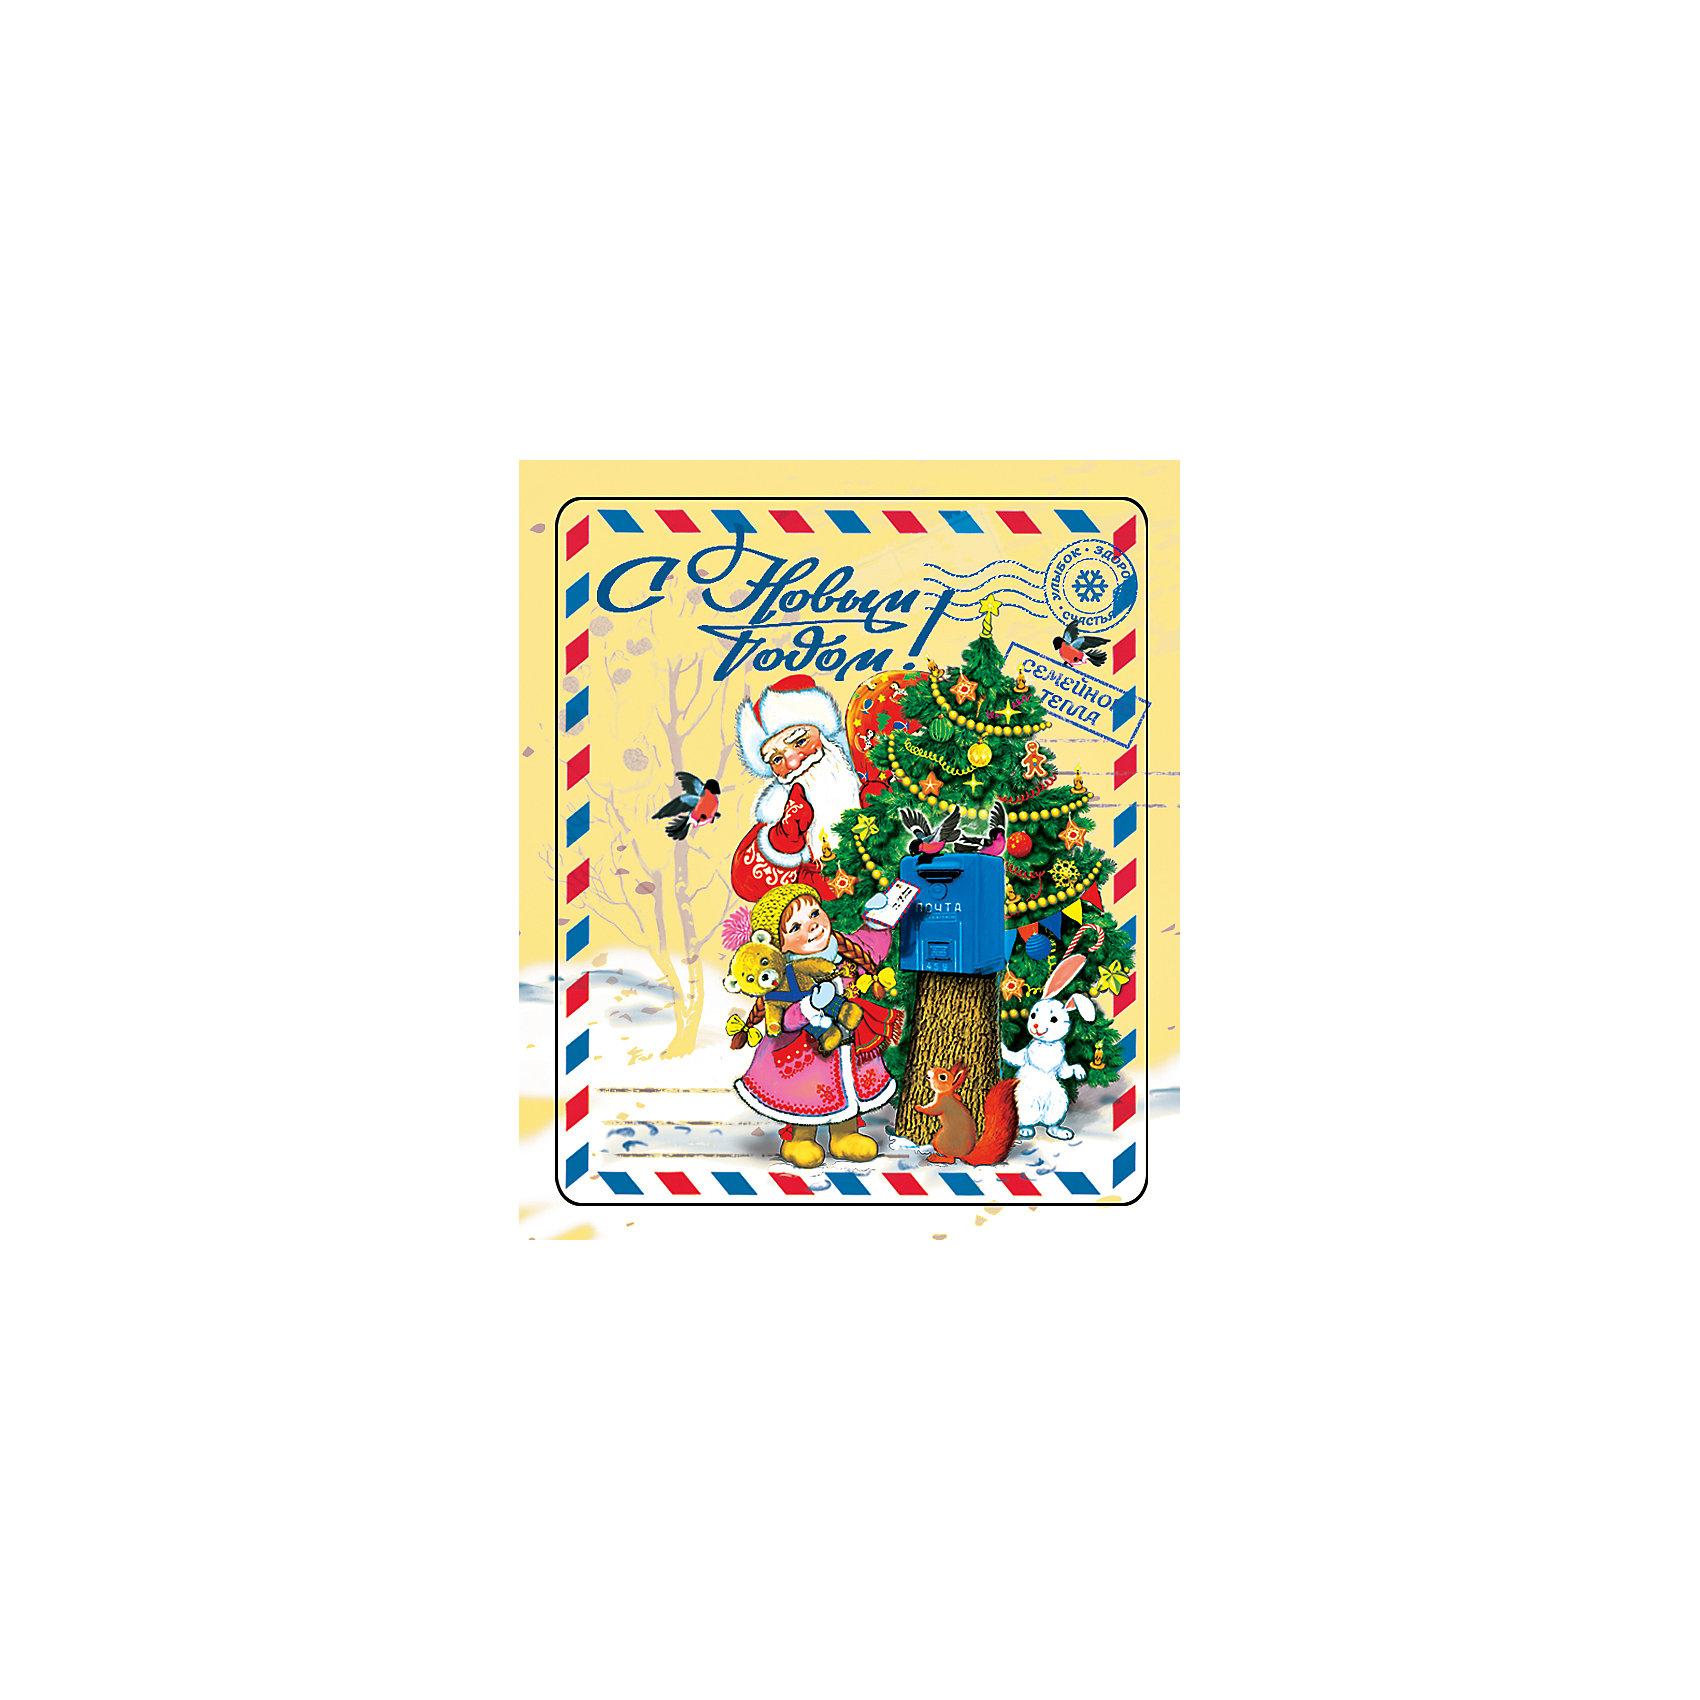 Магнит Почта Деда МорозаВсё для праздника<br>Магнит Почта Деда Мороза - впустите атмосферу зимы и праздников в ваш дом! С этим подарочным магнитом так весело наряжать дом и радовать близких. Небольшой прямоугольный магнитик с закругленными углами смотрится как полноценная небольшая картинка. На магните изображен дедушка Мороз и девочка, отправляющая письмо. На магните также изображена надпись «С Новым Годом» и добрые пожелания. Устройте сюрприз вашим близким!<br>Дополнительная информация:<br><br>- Размер: 5 * 6 см.<br>- Материал: агломеррированный феррит<br>Магнит Почта Деда Мороза можно купить в нашем интернет-магазине.<br>Подробнее:<br>• Для детей в возрасте: от 3 лет<br>• Номер товара: 4981497<br>Страна производитель: Китай<br><br>Ширина мм: 100<br>Глубина мм: 100<br>Высота мм: 10<br>Вес г: 150<br>Возраст от месяцев: 36<br>Возраст до месяцев: 2147483647<br>Пол: Унисекс<br>Возраст: Детский<br>SKU: 4981497